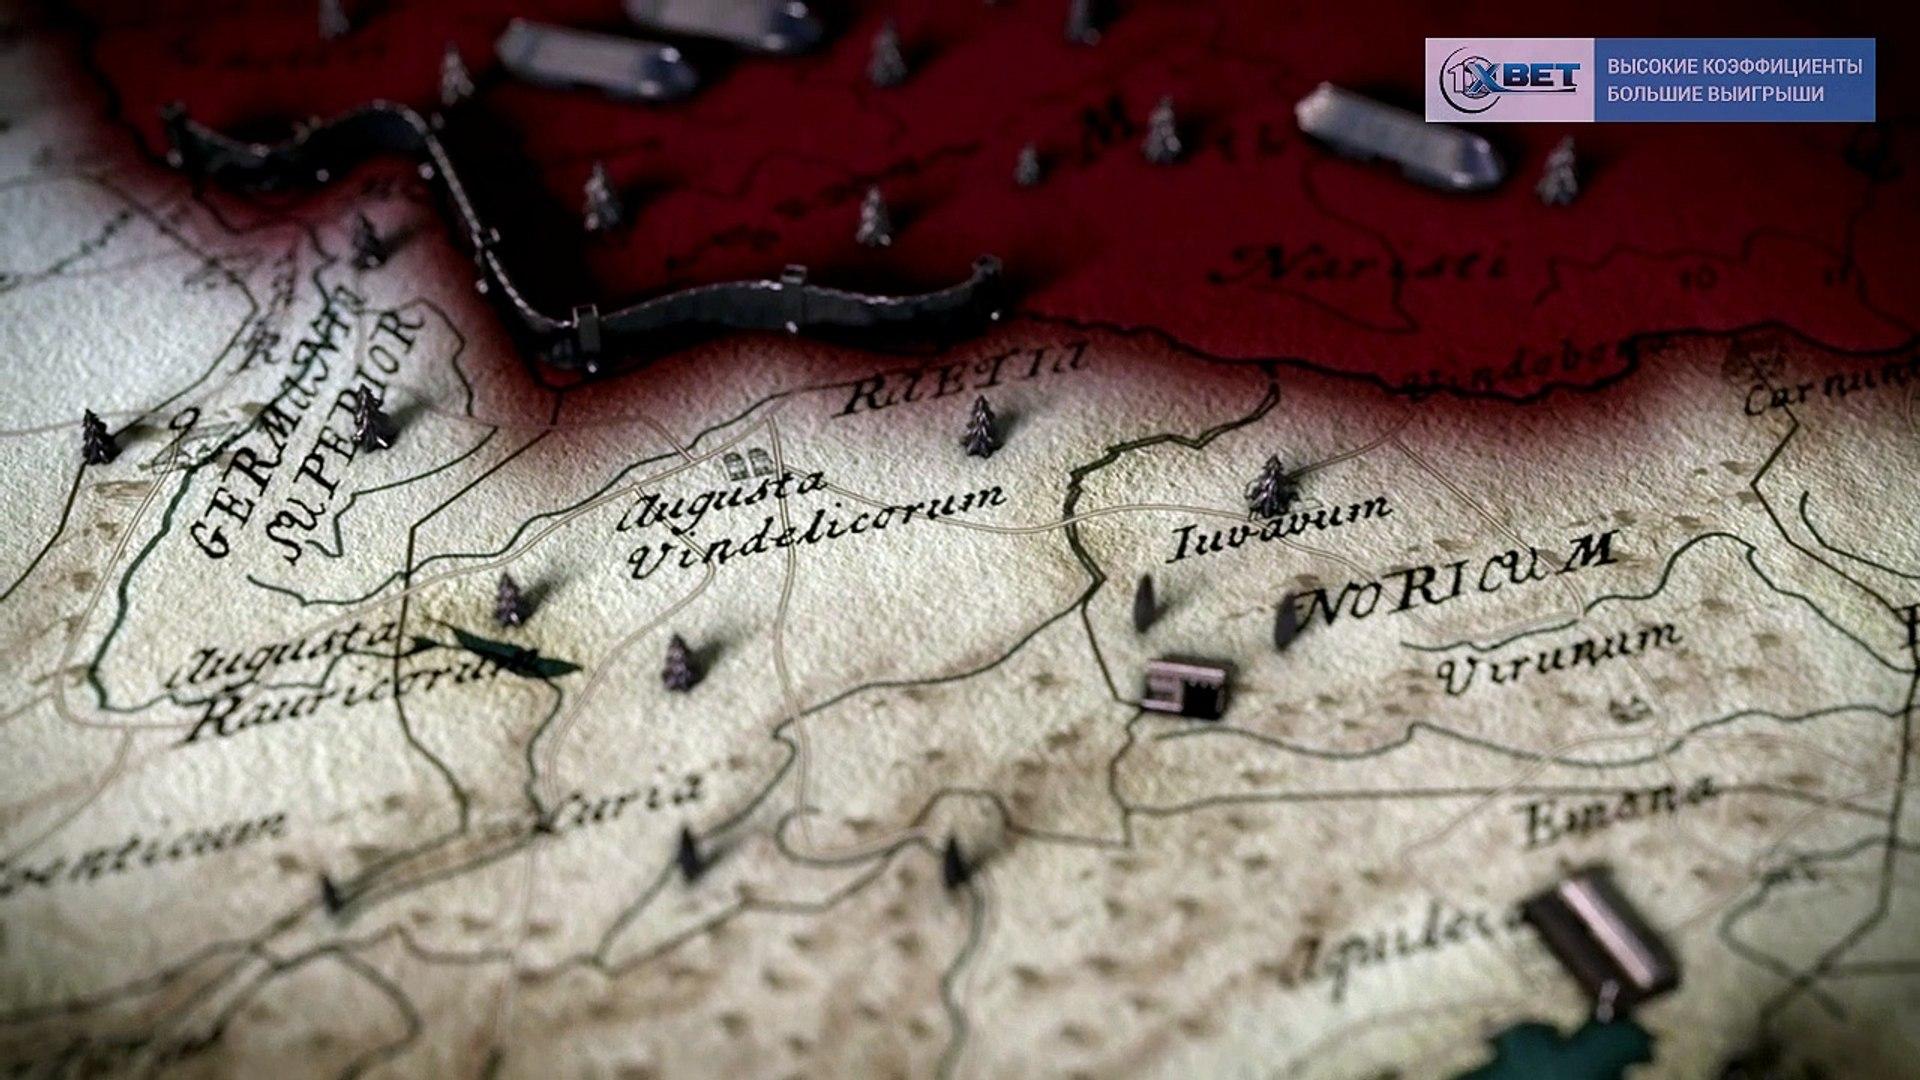 Римская империя: Власть крови 1 серия из 6 / Roman Empire: Reign of Blood (2016)HD 720p